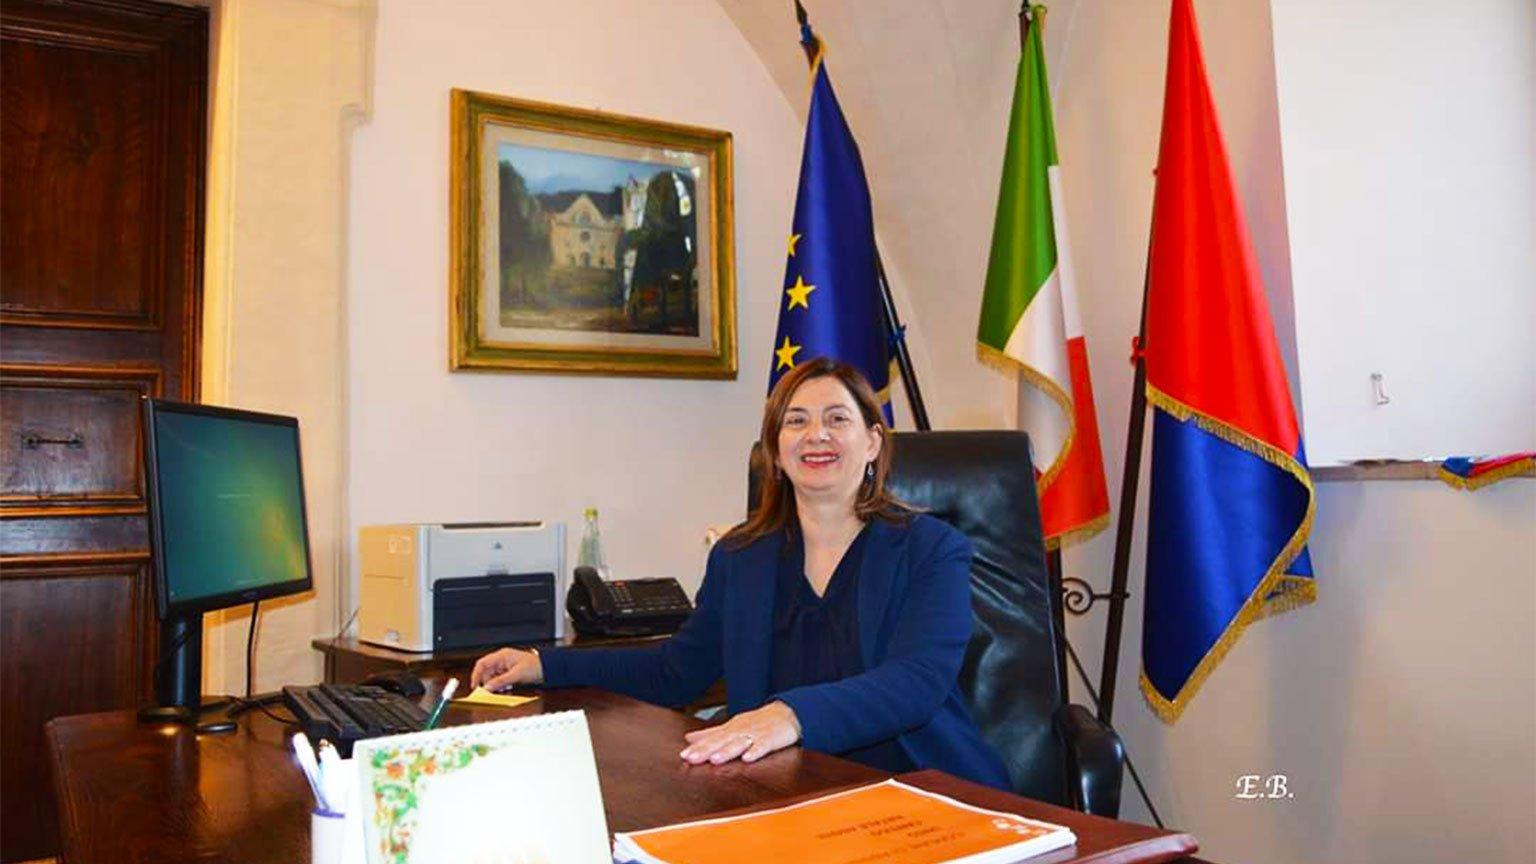 Donatella Casciarri